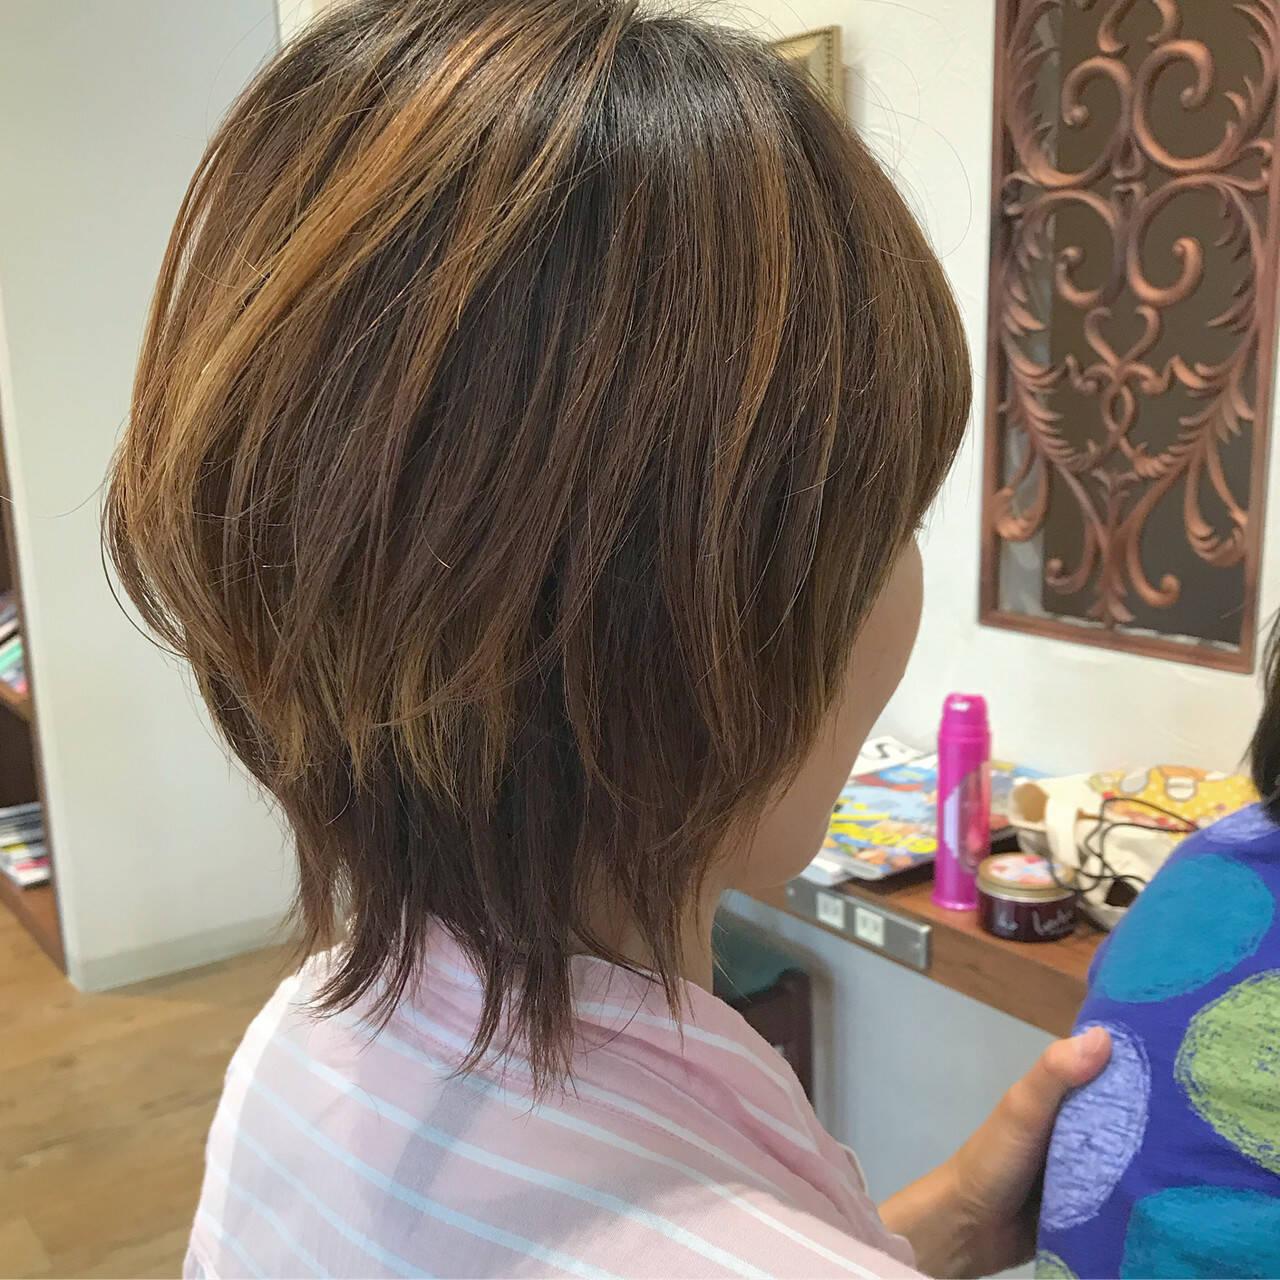 マッシュ ボブ マッシュヘア マッシュウルフヘアスタイルや髪型の写真・画像